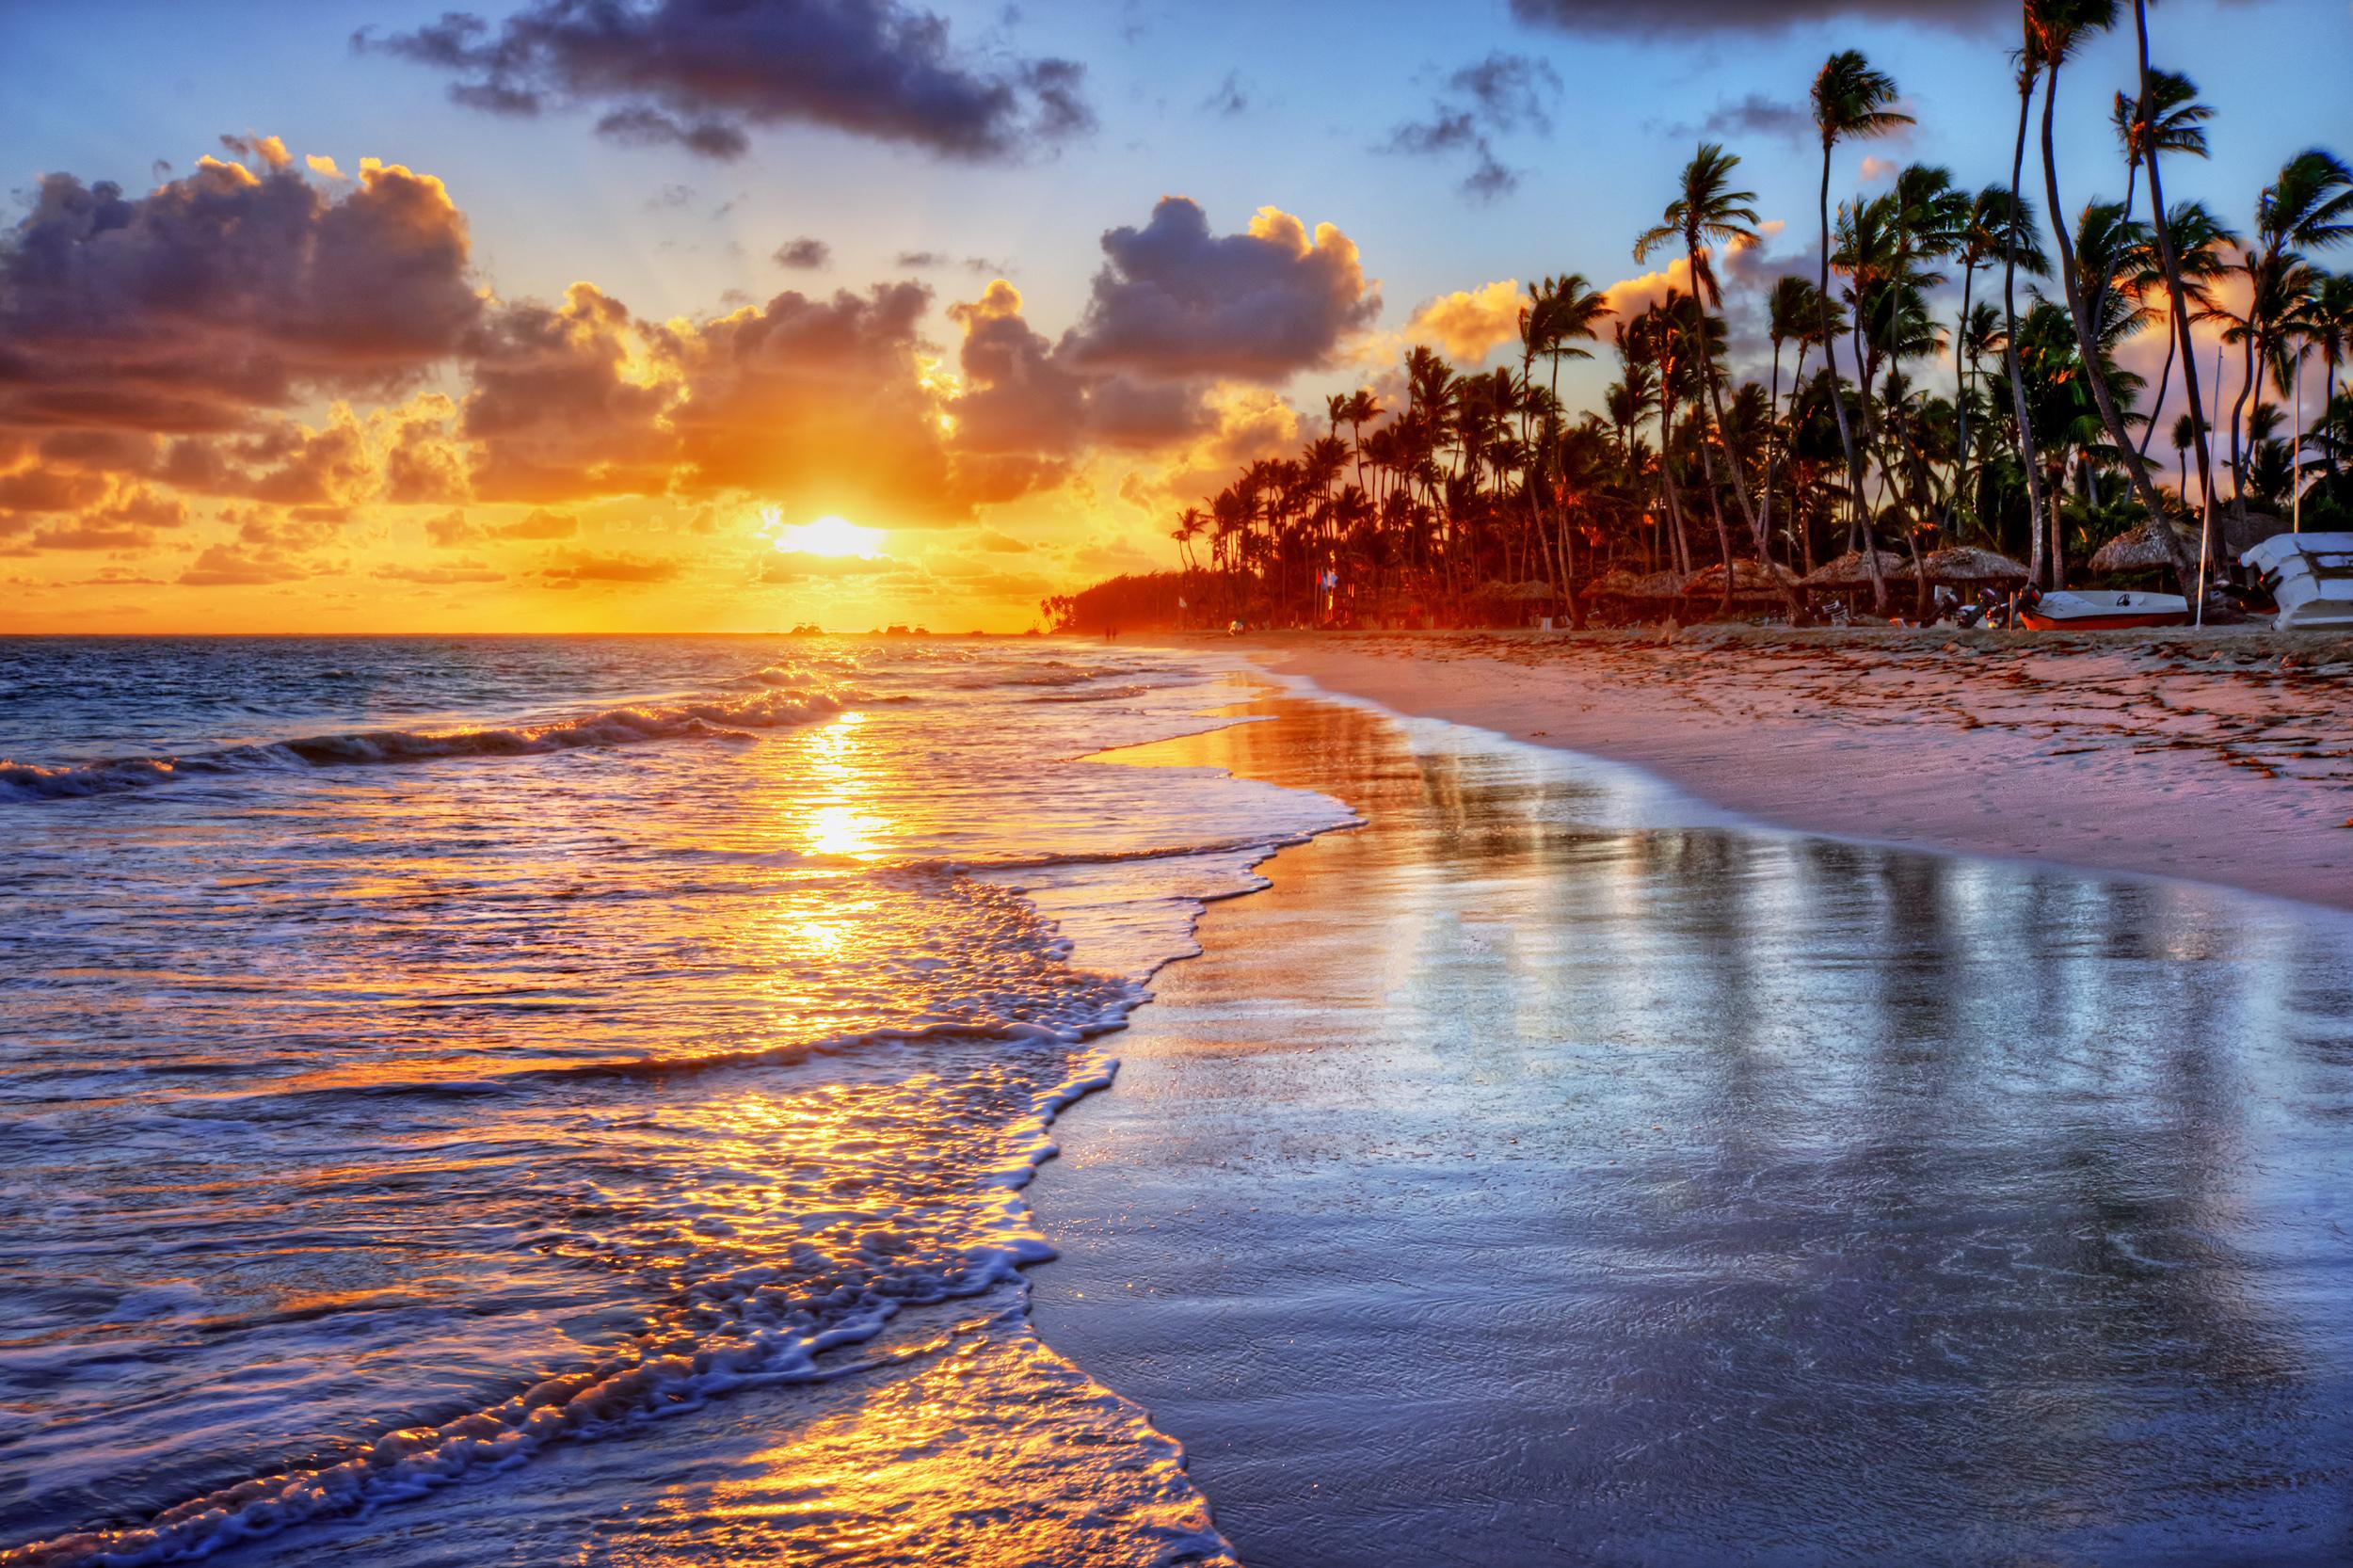 巴厘岛旅游攻略丨巴厘岛不是没有美景,周边的好去处超赞